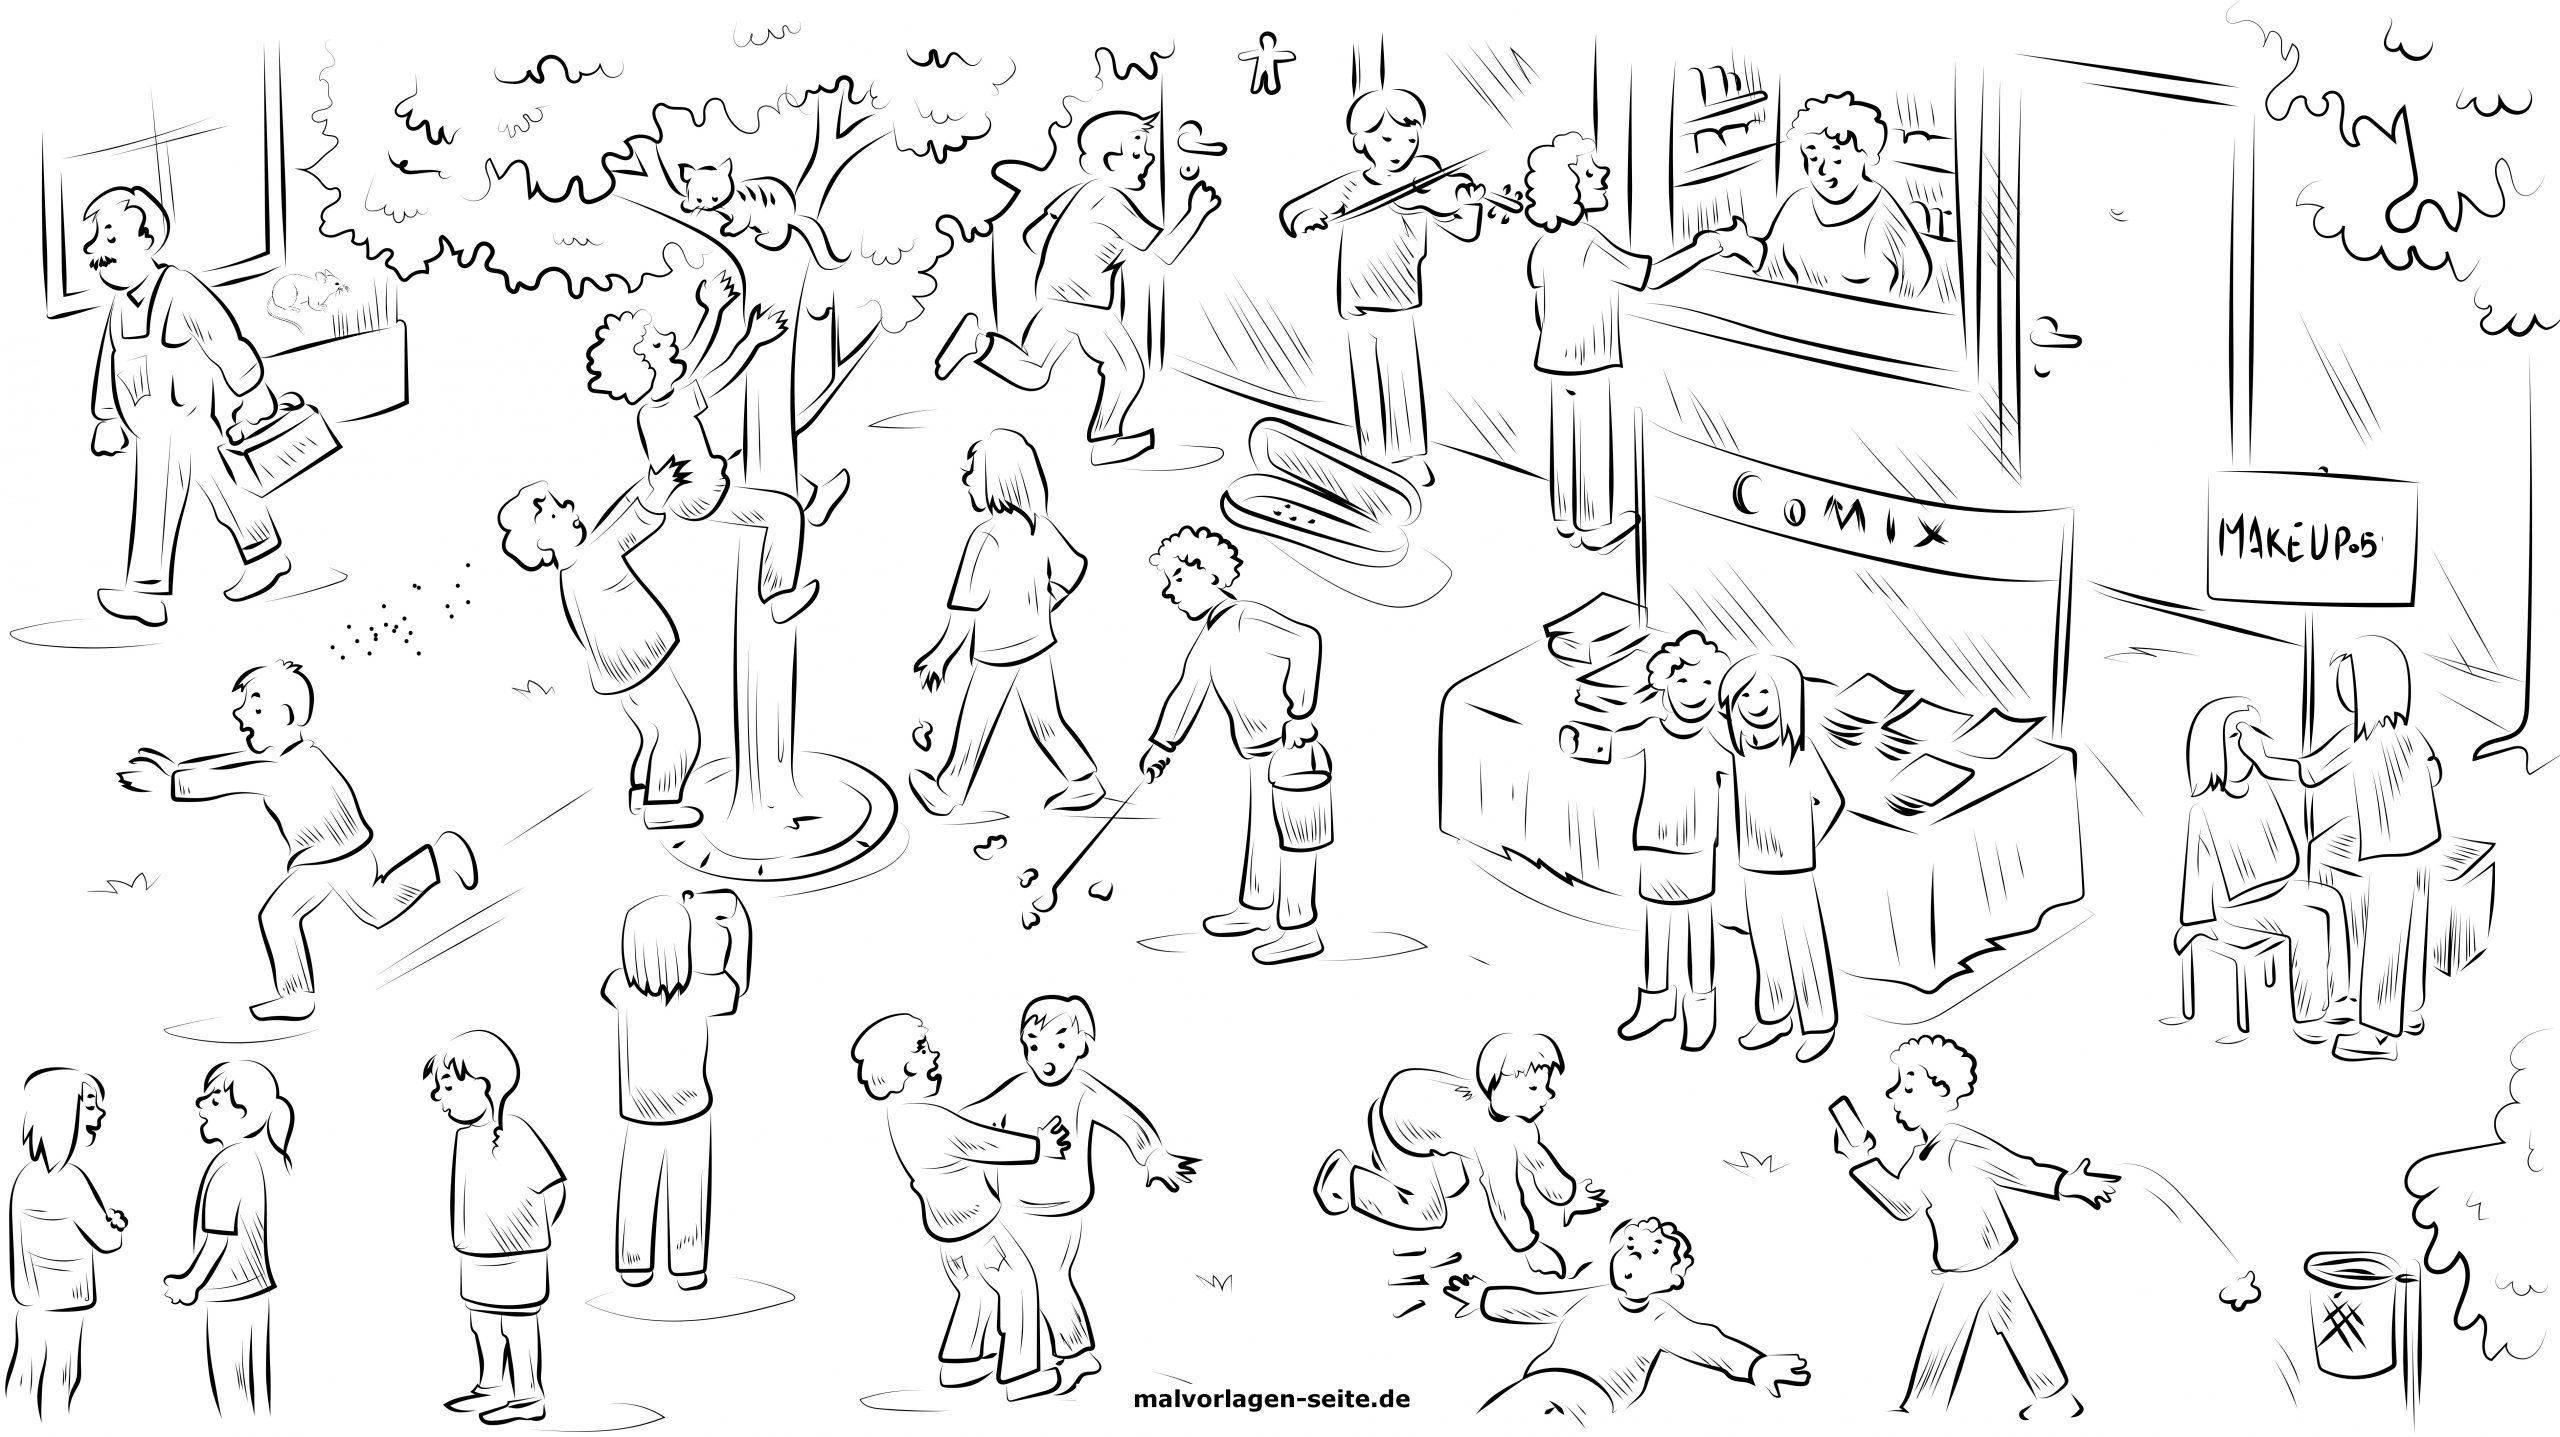 Suchbild Kostenlos - Such Die Maus - Für Kinder Zum Ausmalen über Suchbilder Ausdrucken